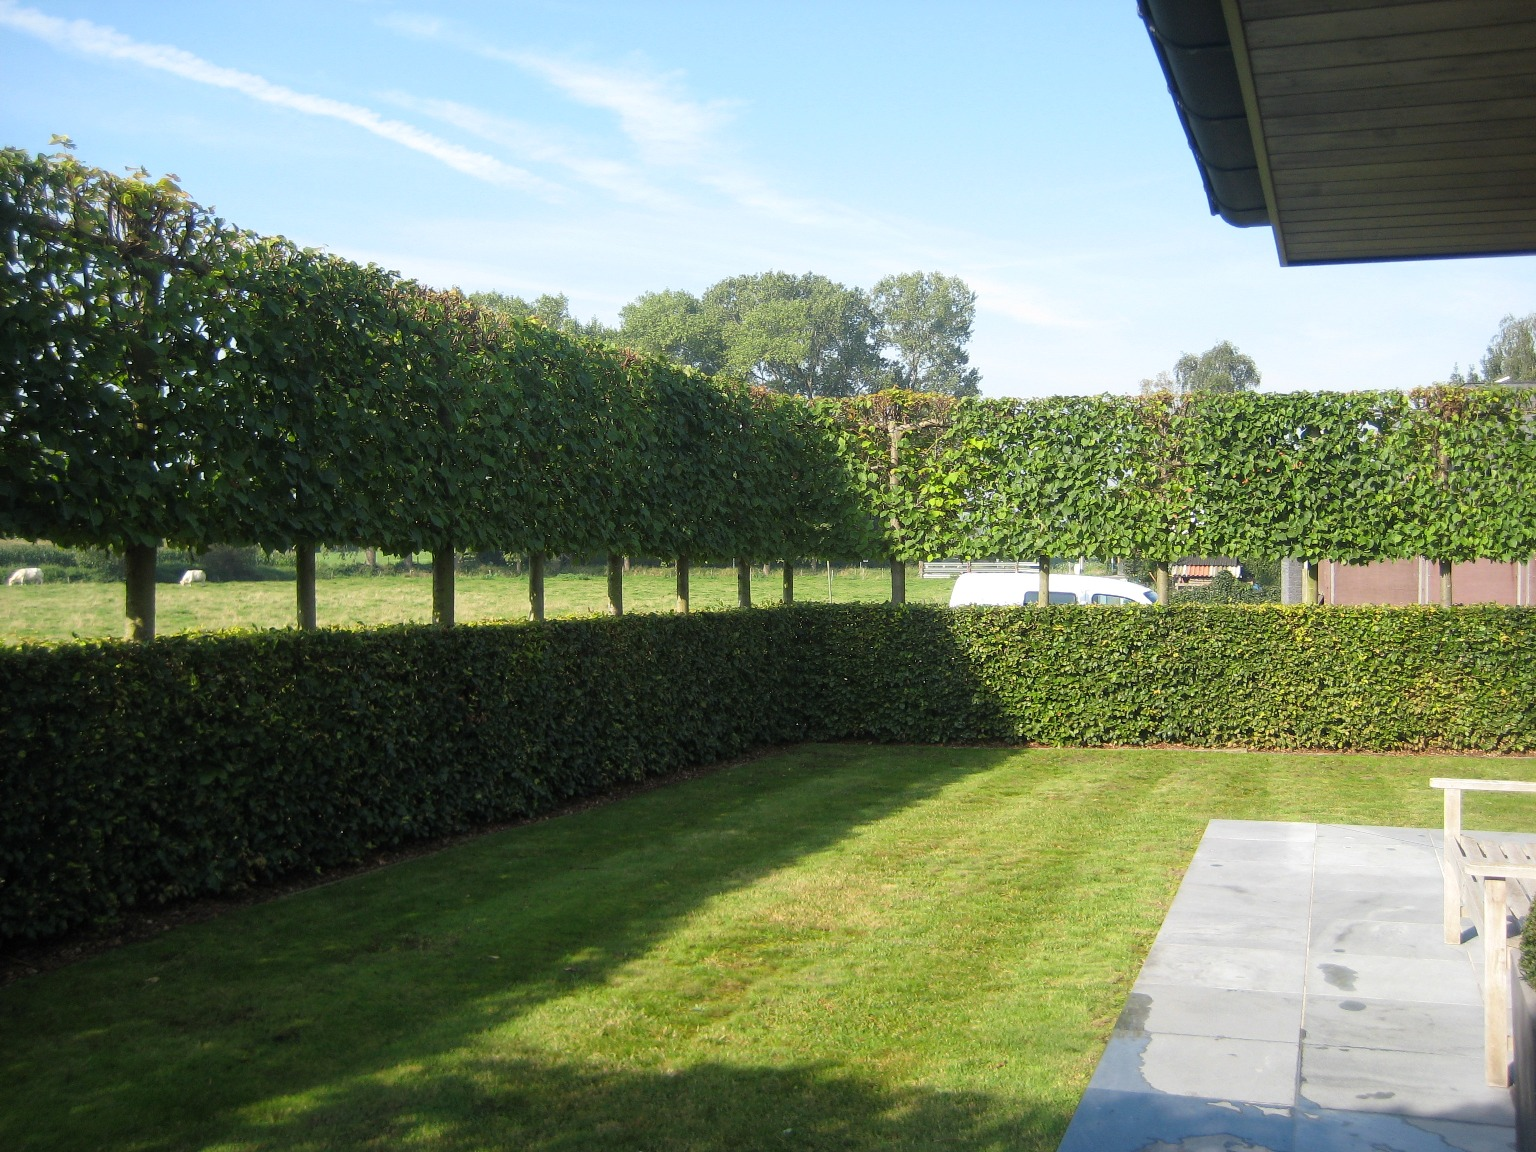 2011 tuinen van dorpe - Hoe aangelegde tuin ...